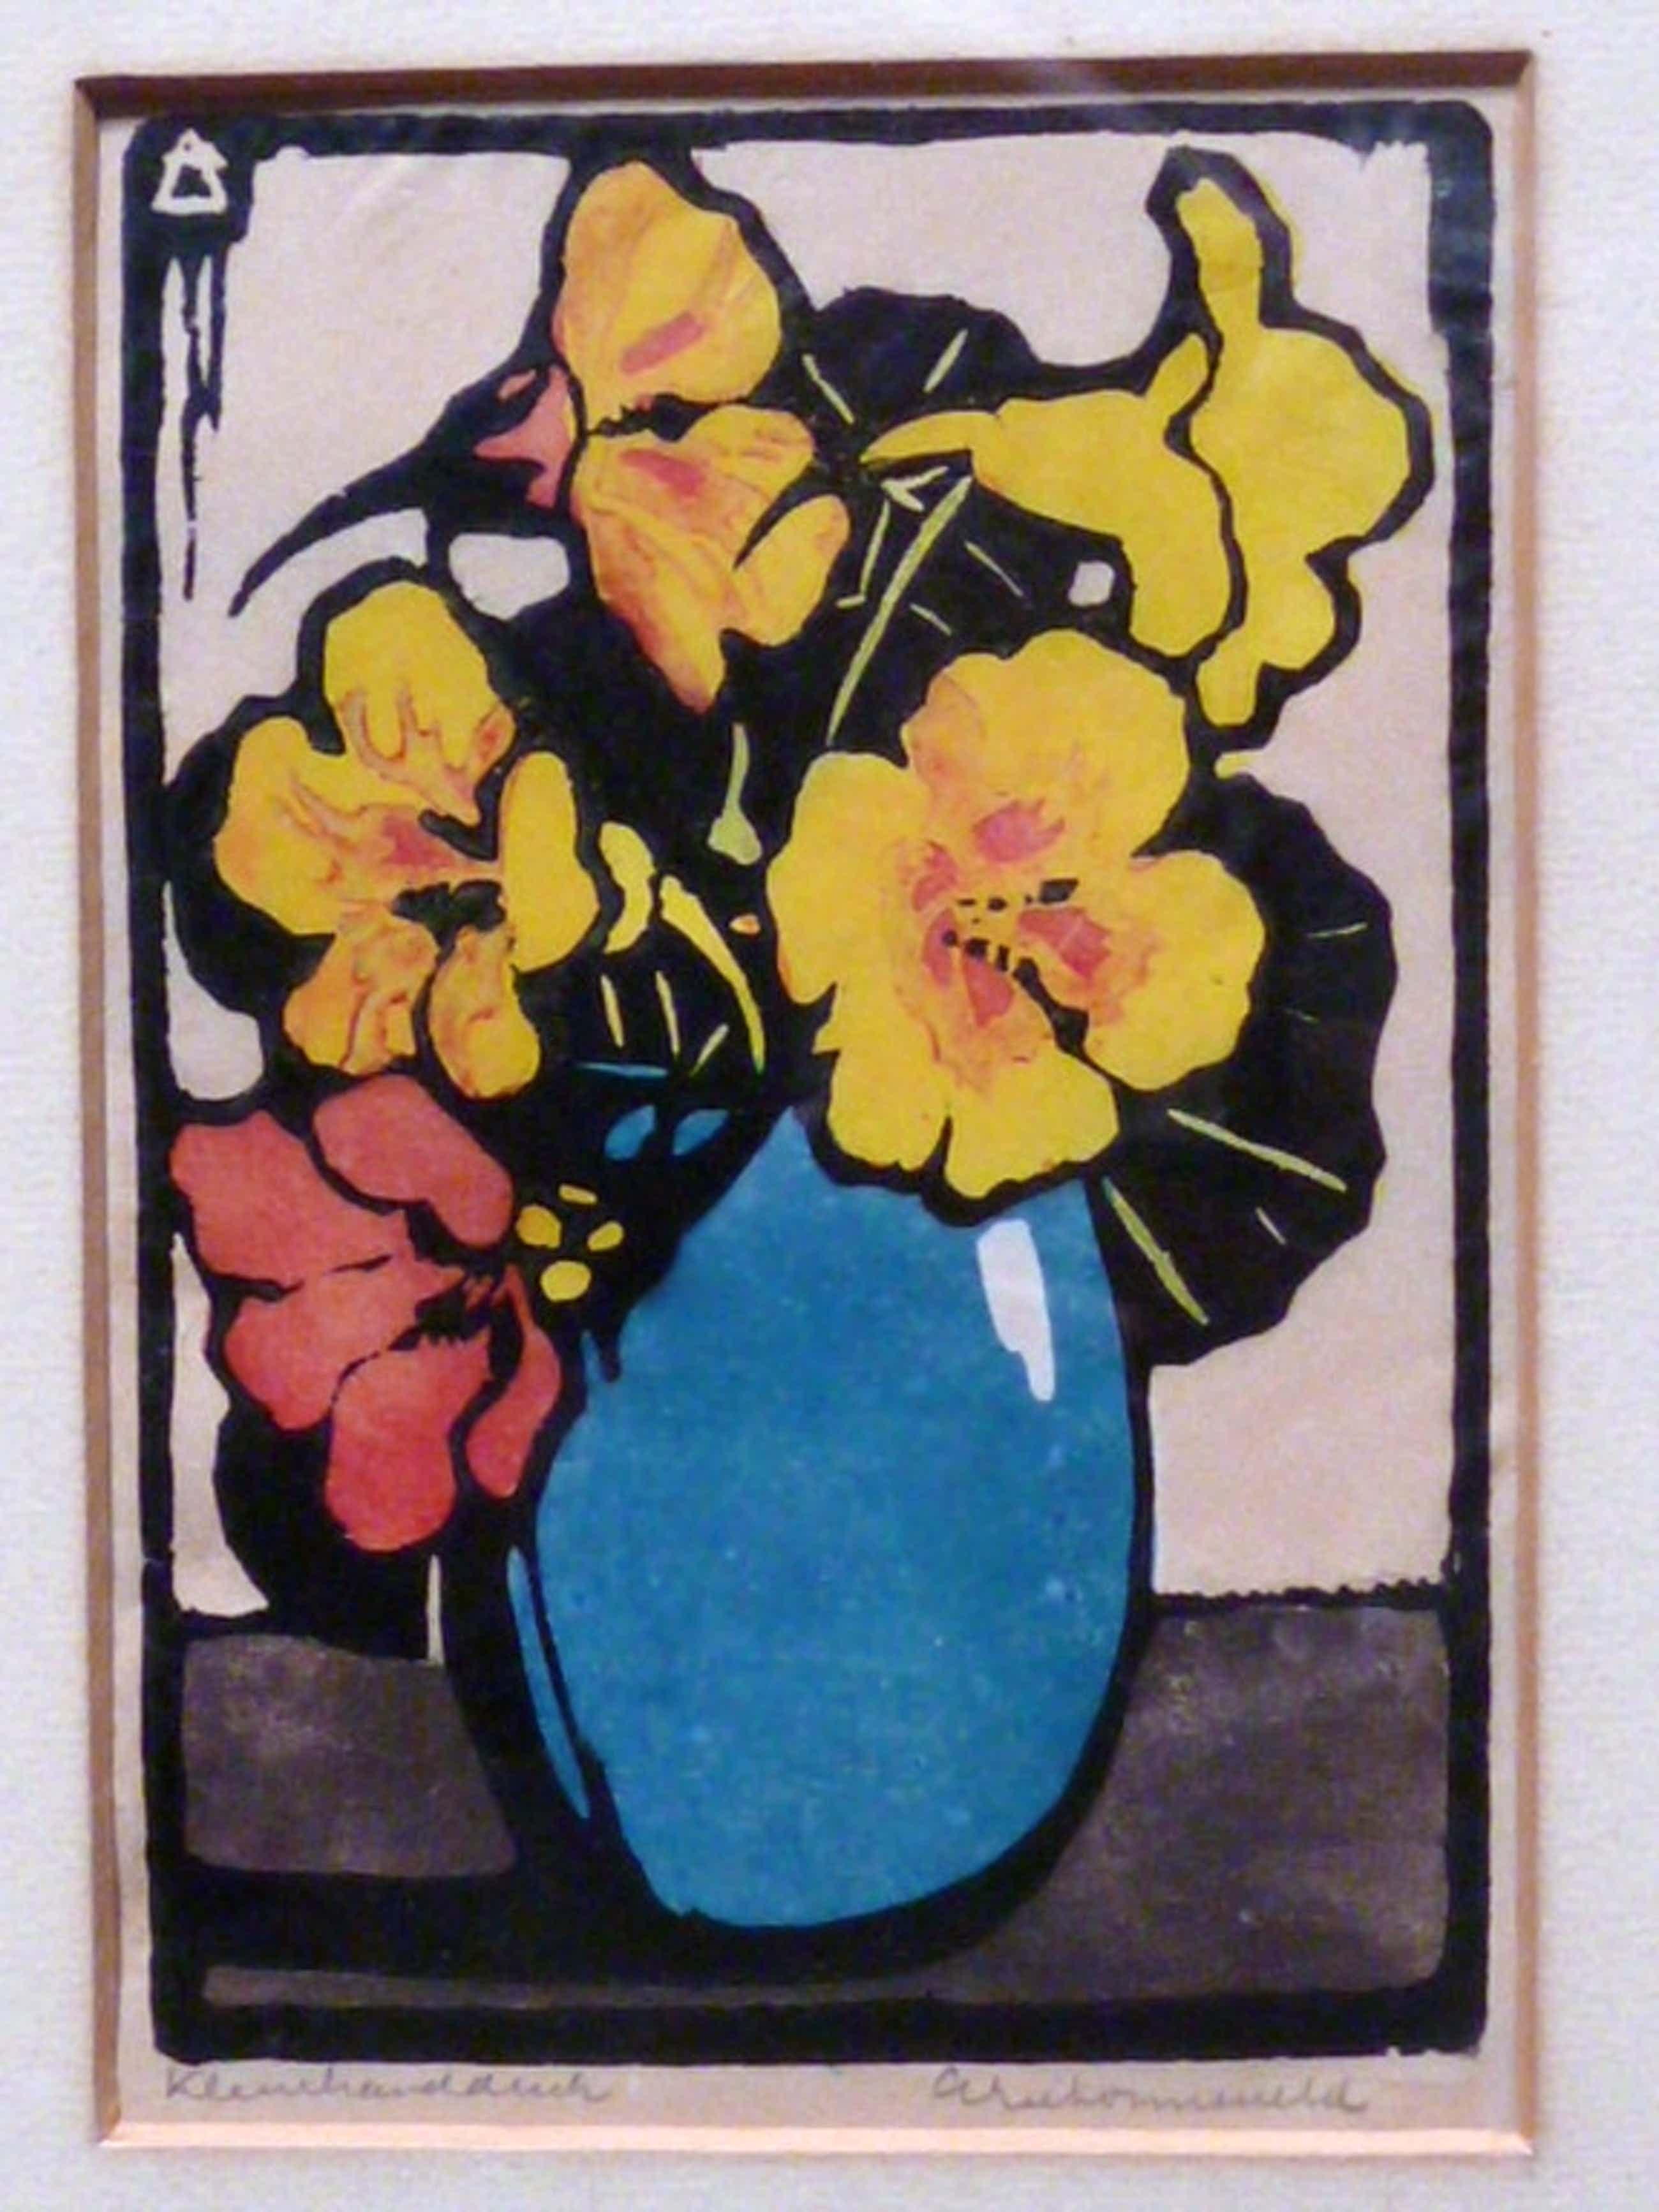 Arie Zonneveld - kleurenhoutsnede - Bloemen in blauwe vaas kopen? Bied vanaf 345!